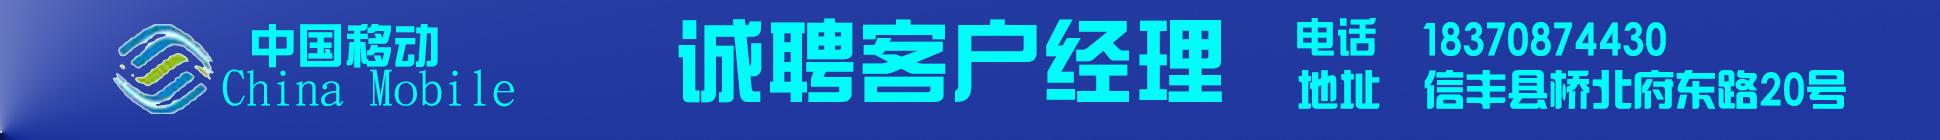 中国移动通信公司